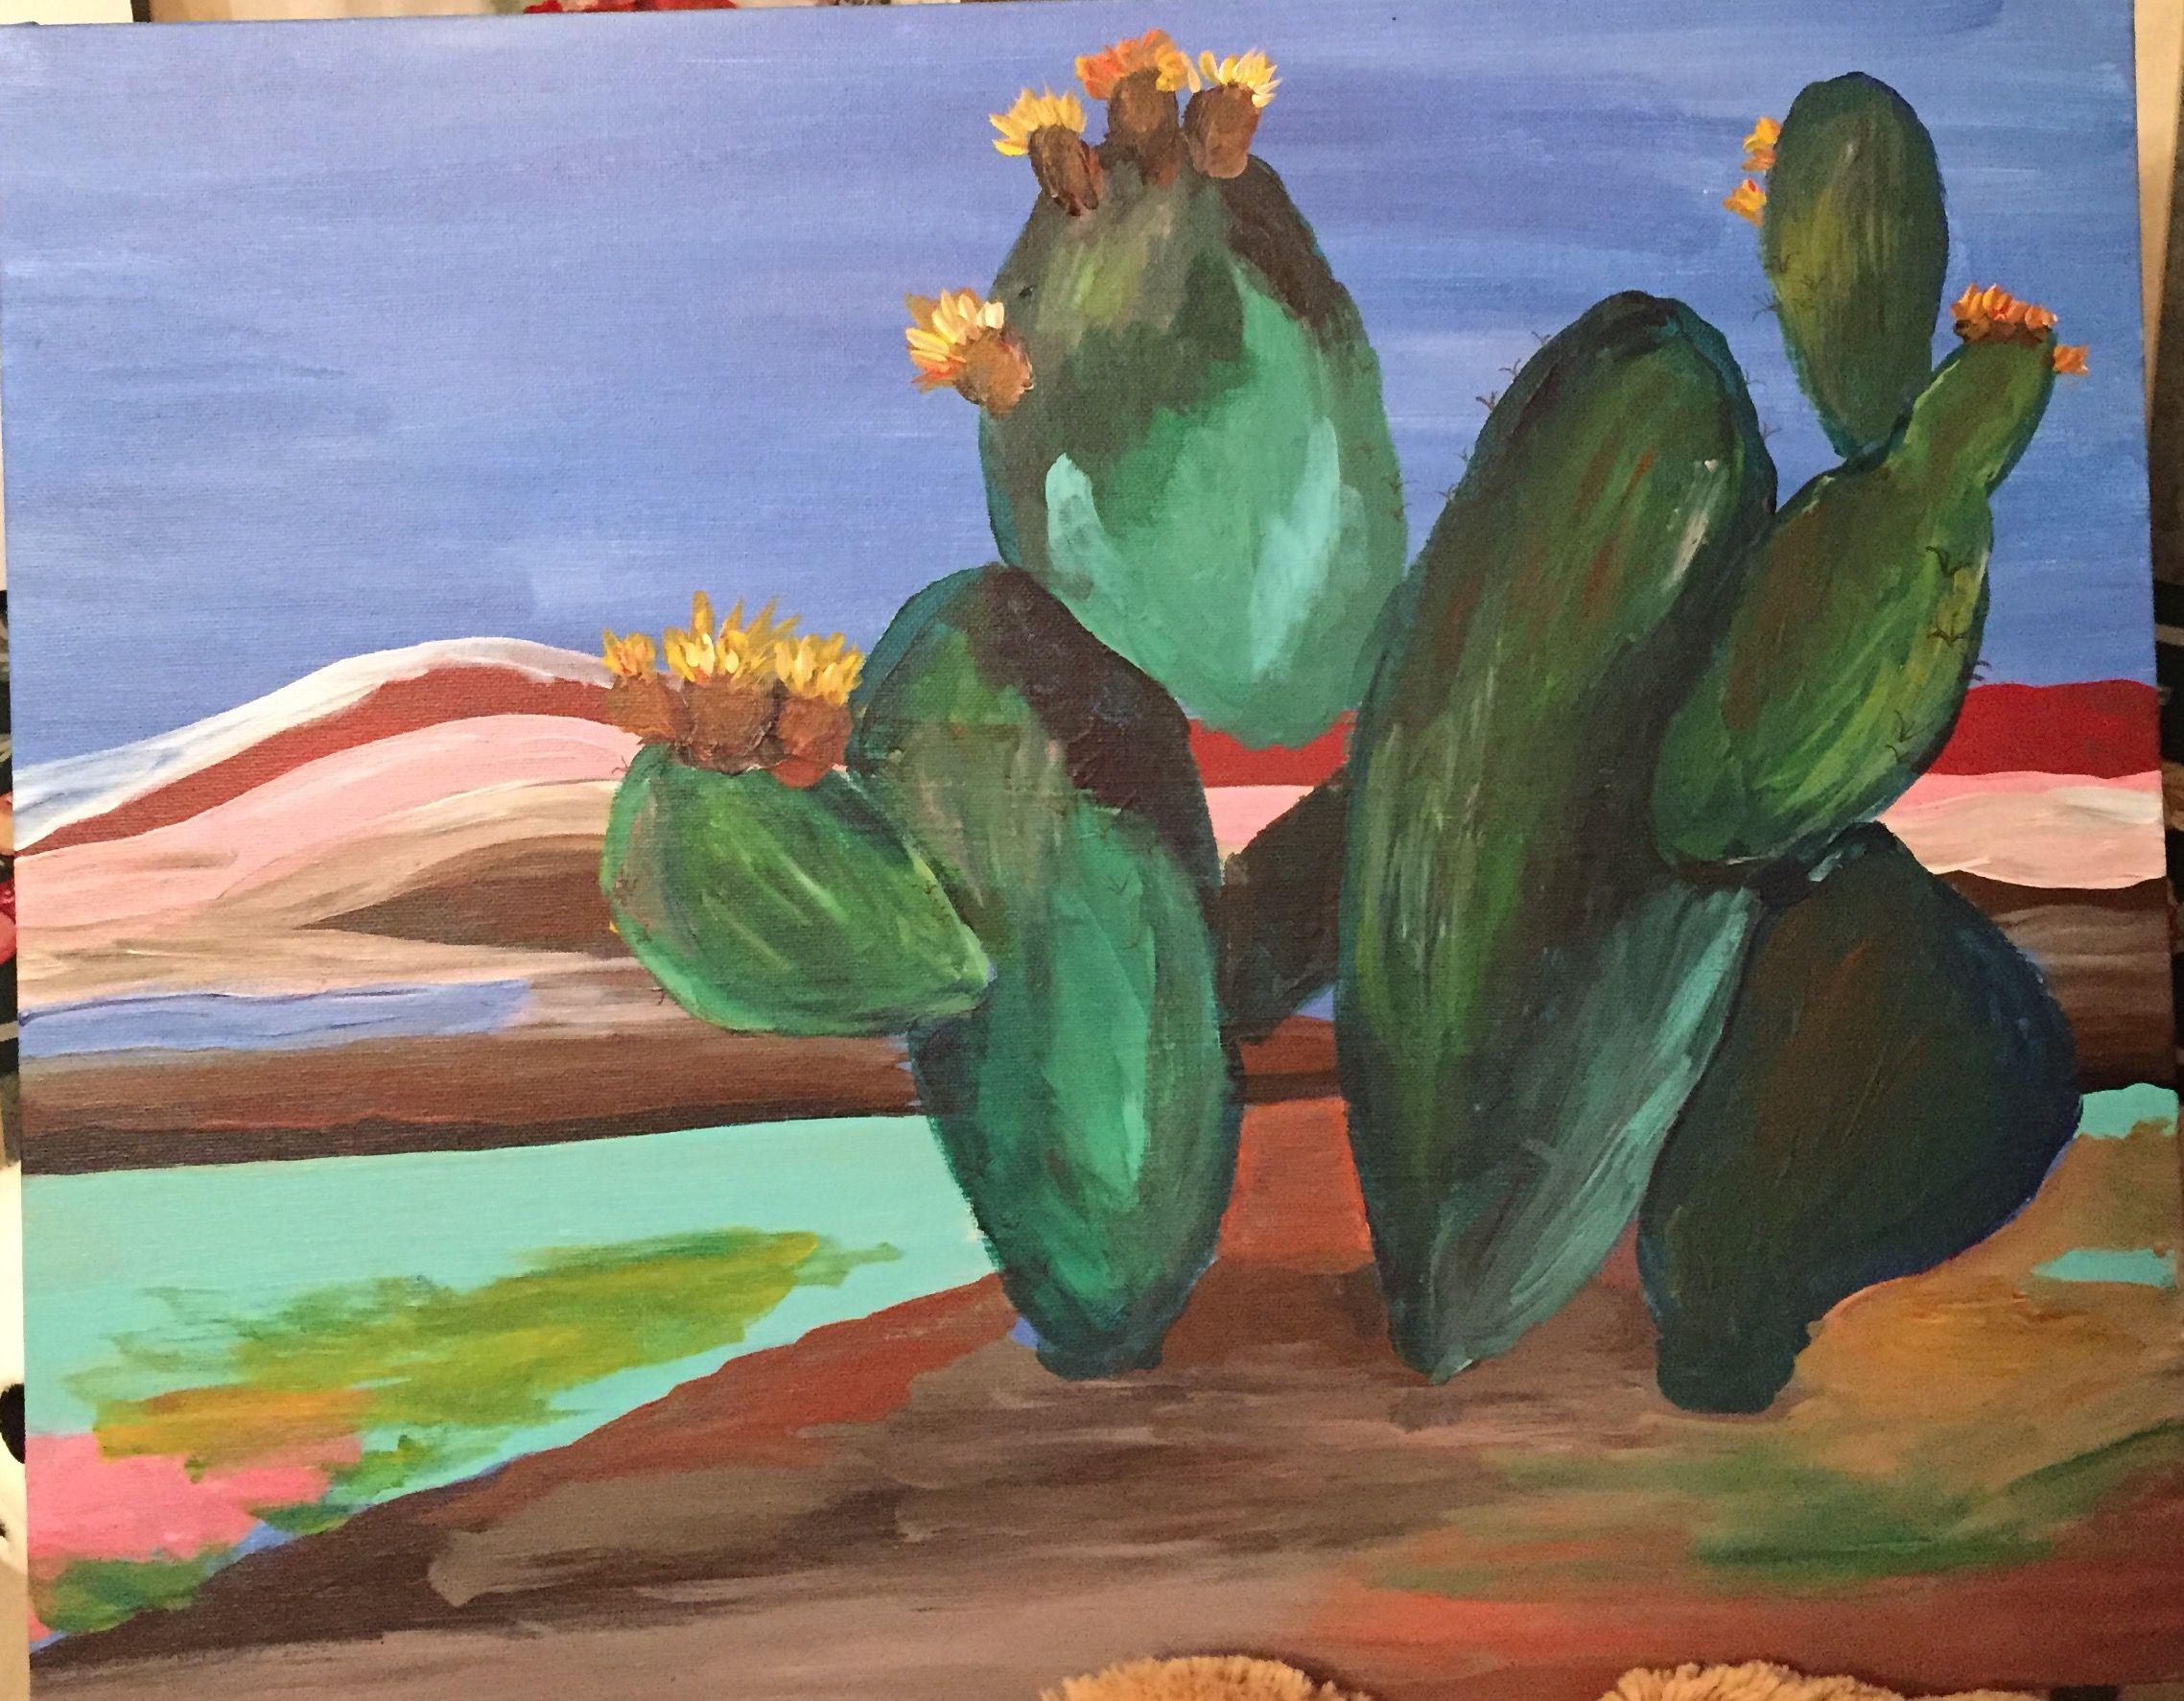 Cactus with tunas